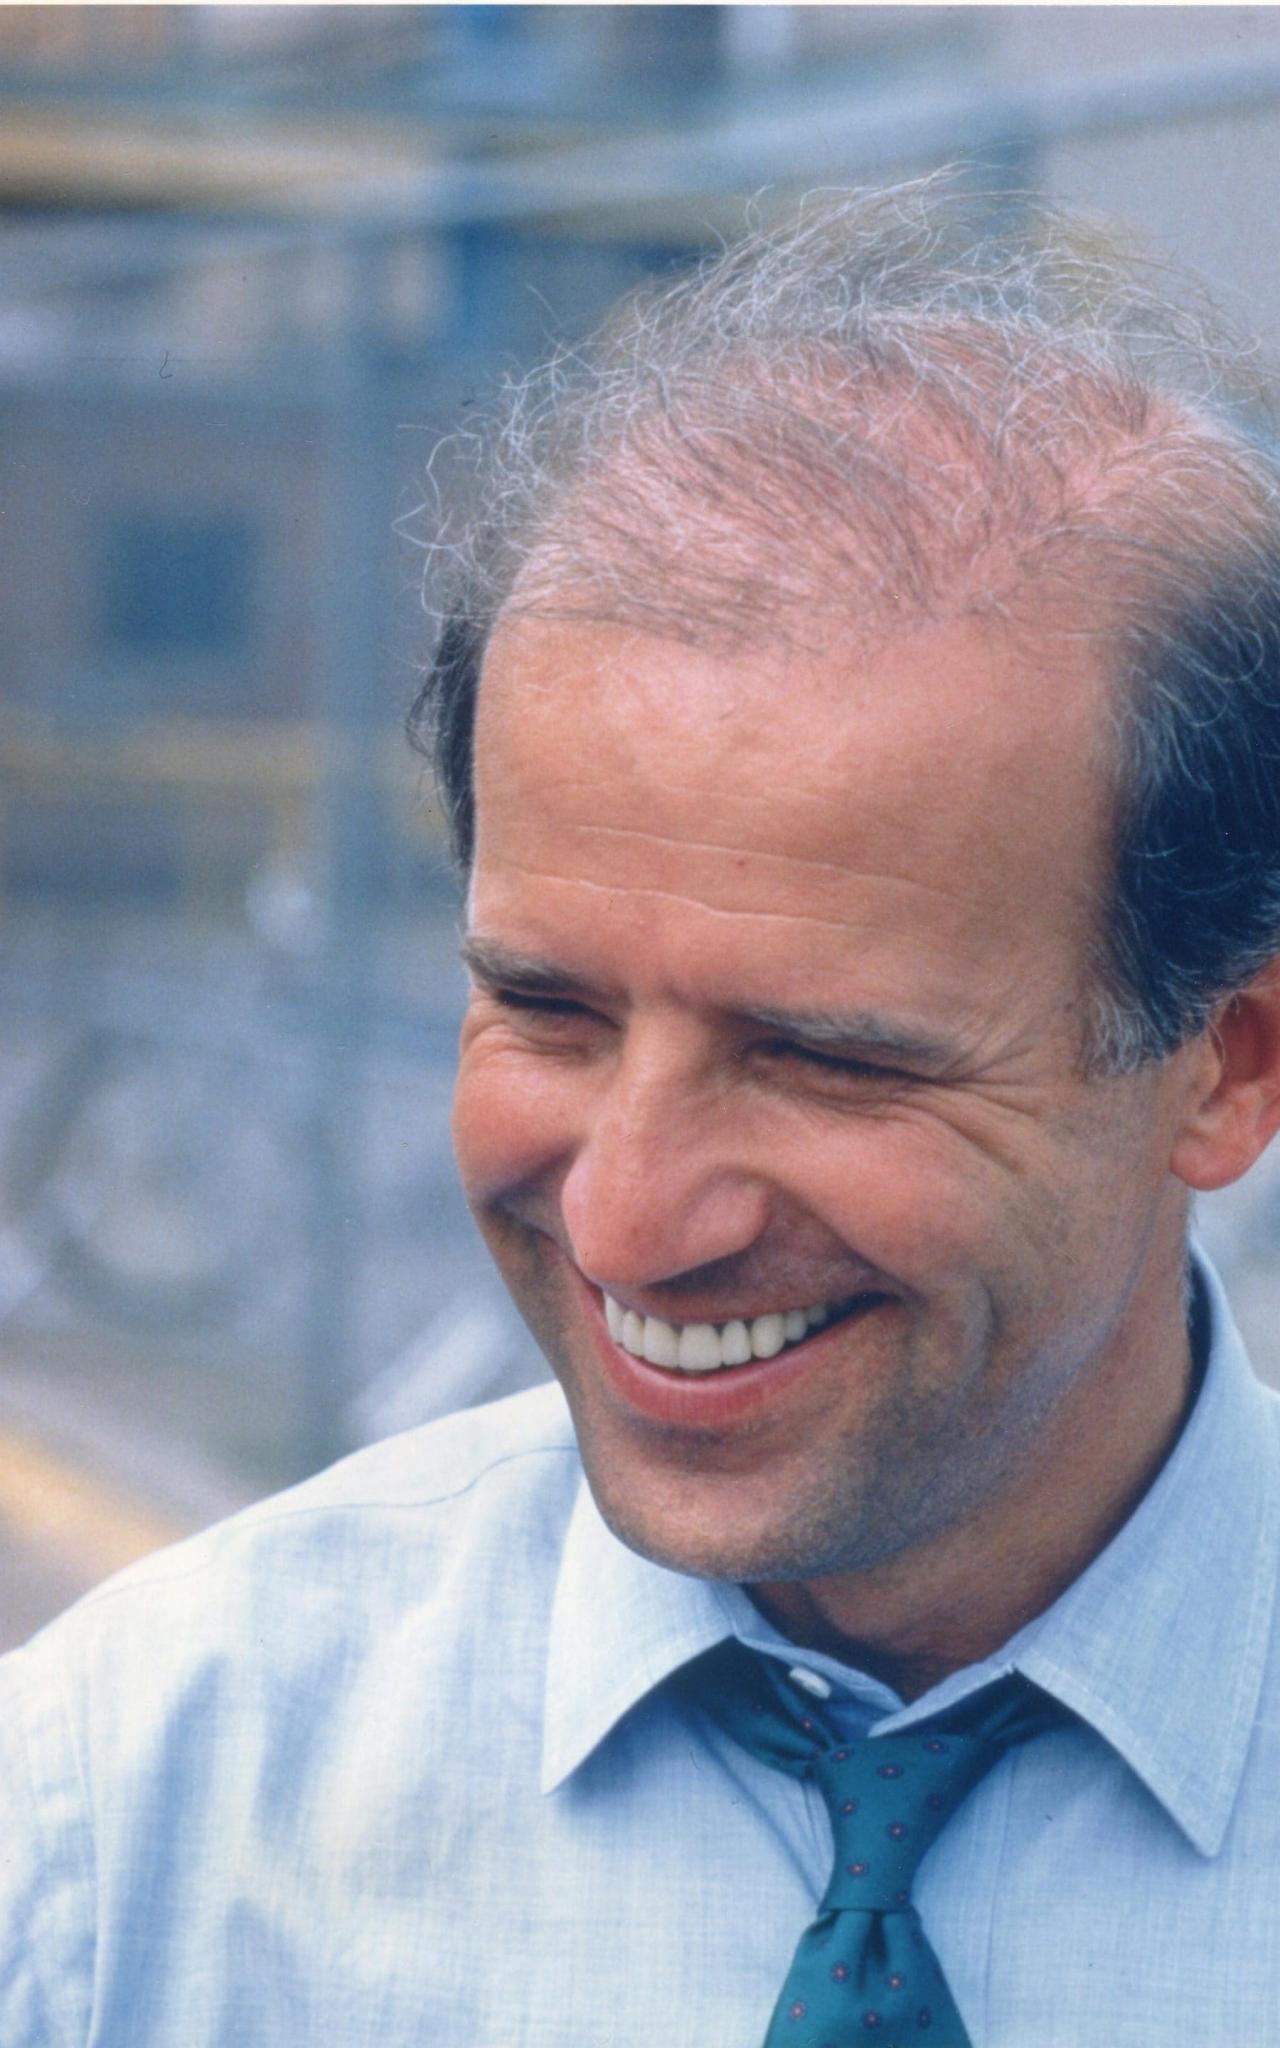 2020 US Presidential Race-biden-bald-jpg